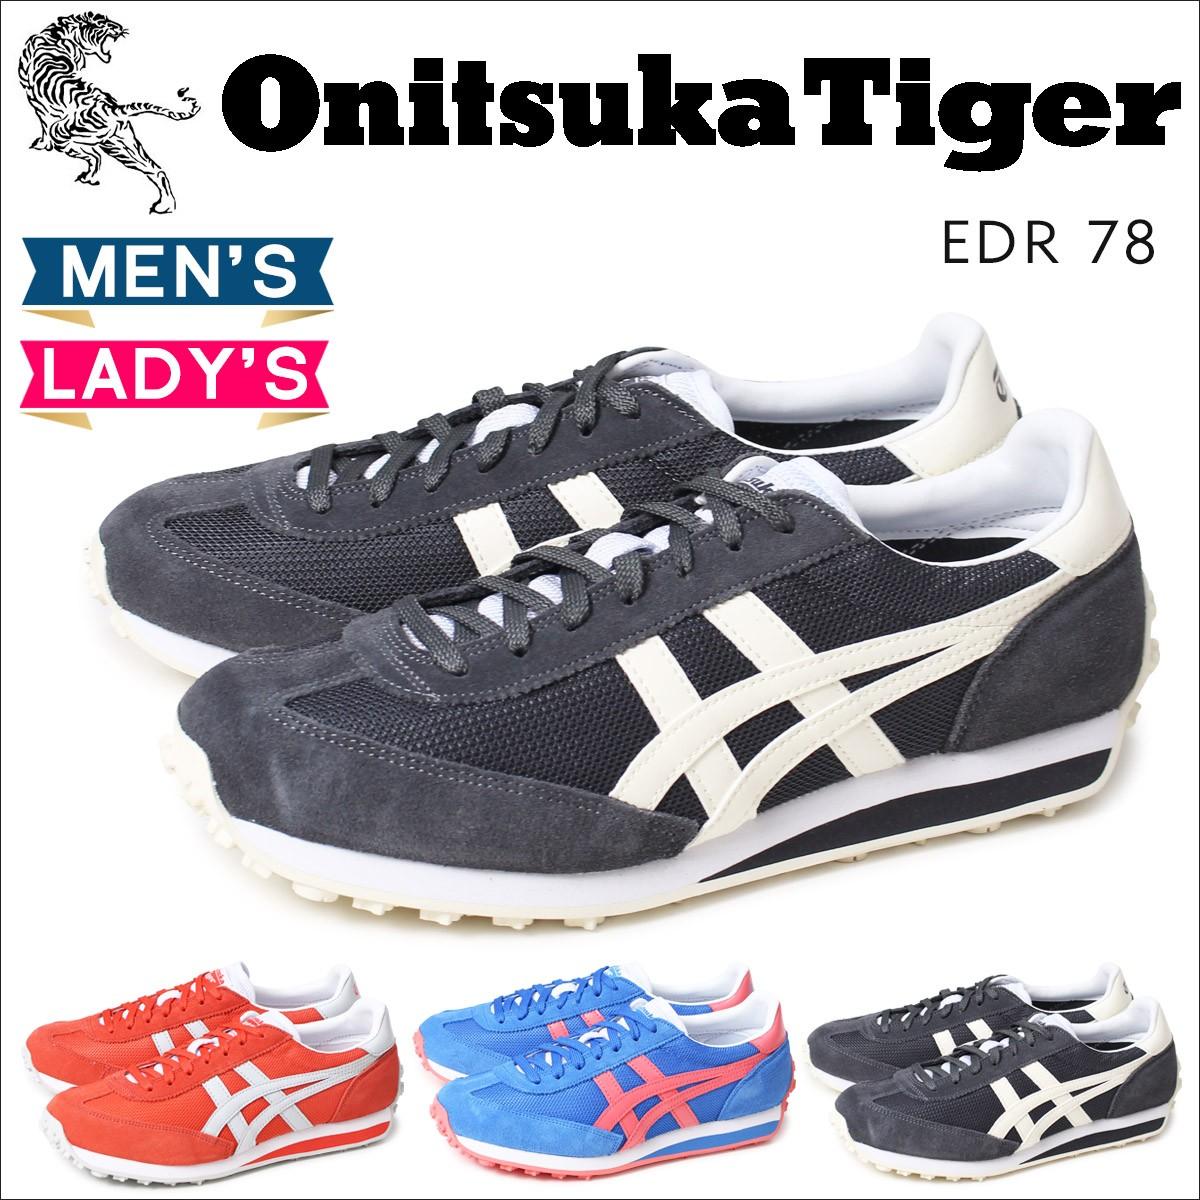 オニツカタイガー EDR 78 Onitsuka Tiger メンズ レディース スニーカー イーディーアール TH503N 3069 4076 9500 靴 [2/24 新入荷]